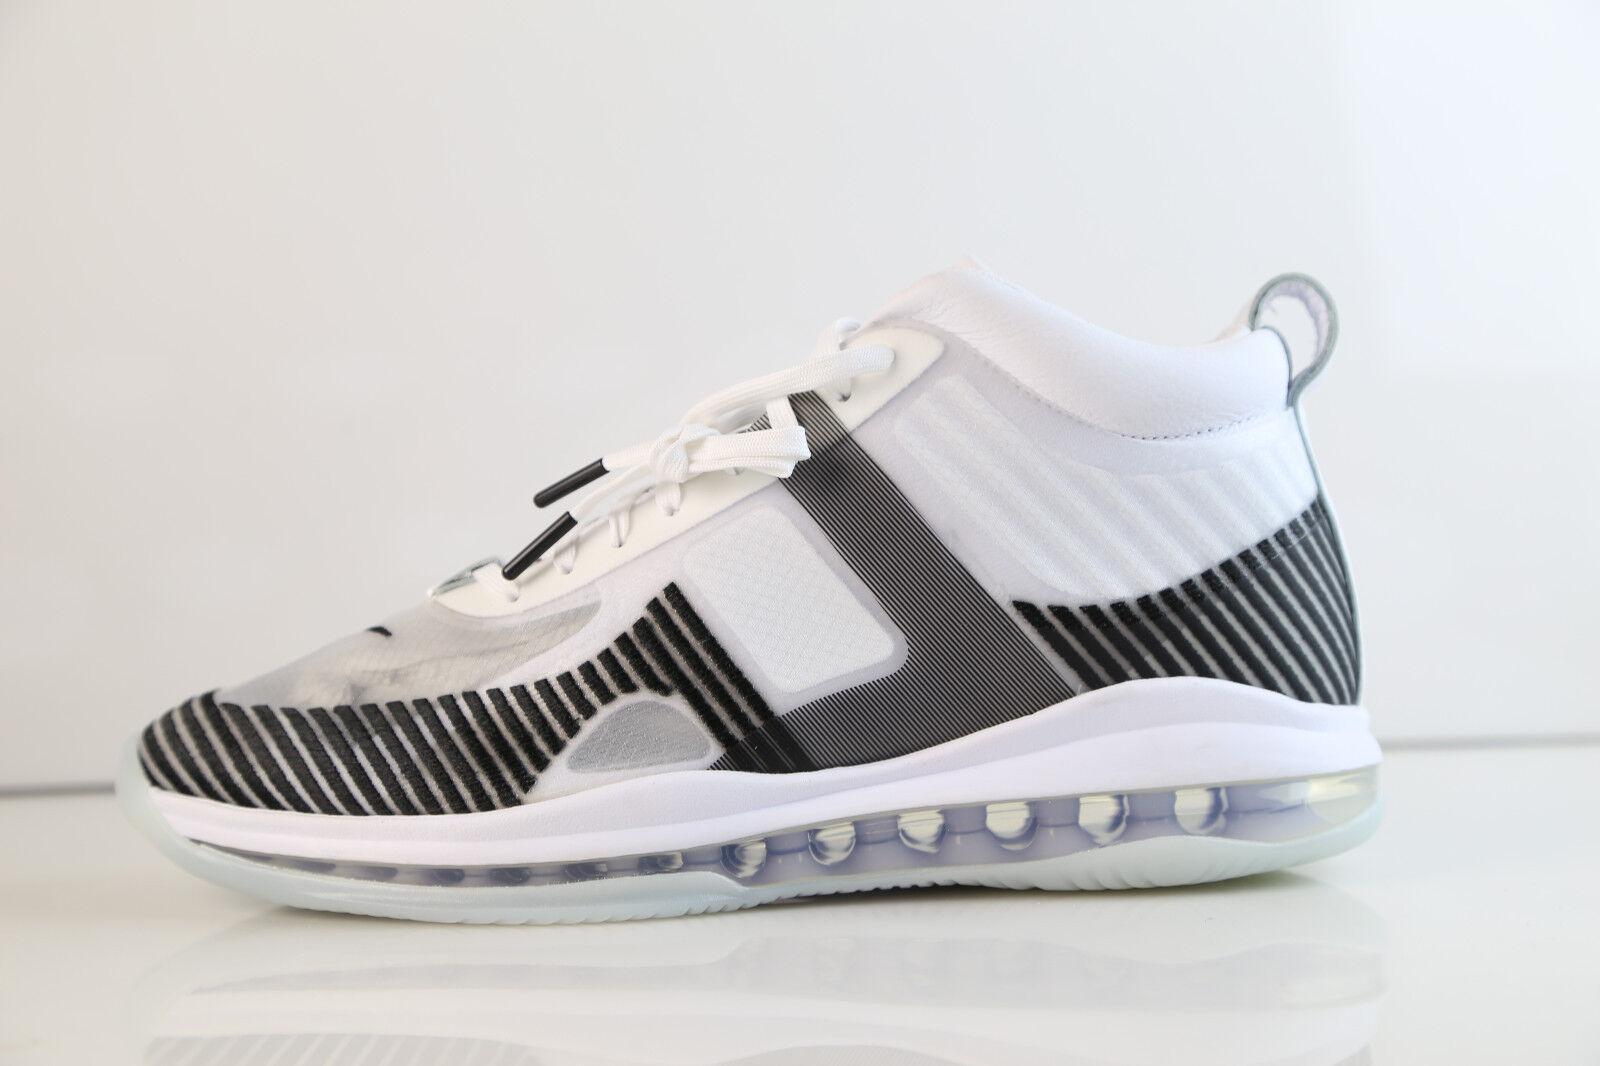 Nike X John Elliot Lebron Icon 7-12 blanc JE QS AQ0114-100 7-12 Icon 8 11 1 8908e1